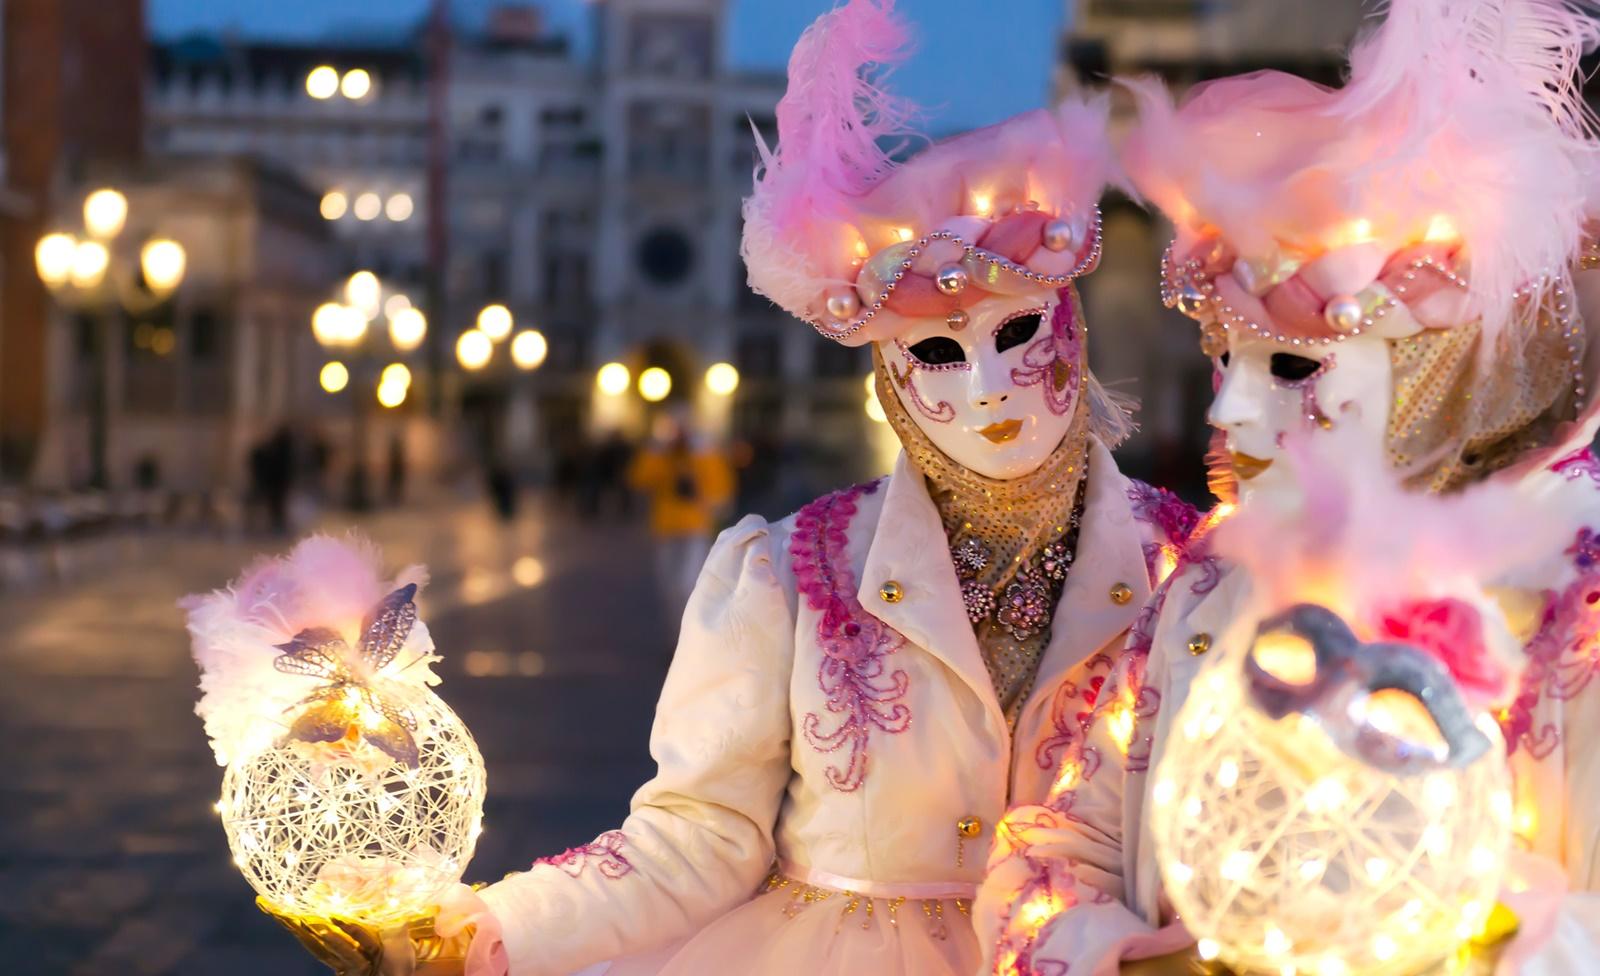 Karneval In Venedig 2019 Programm Vom 16 02 Bis Zum 05 03